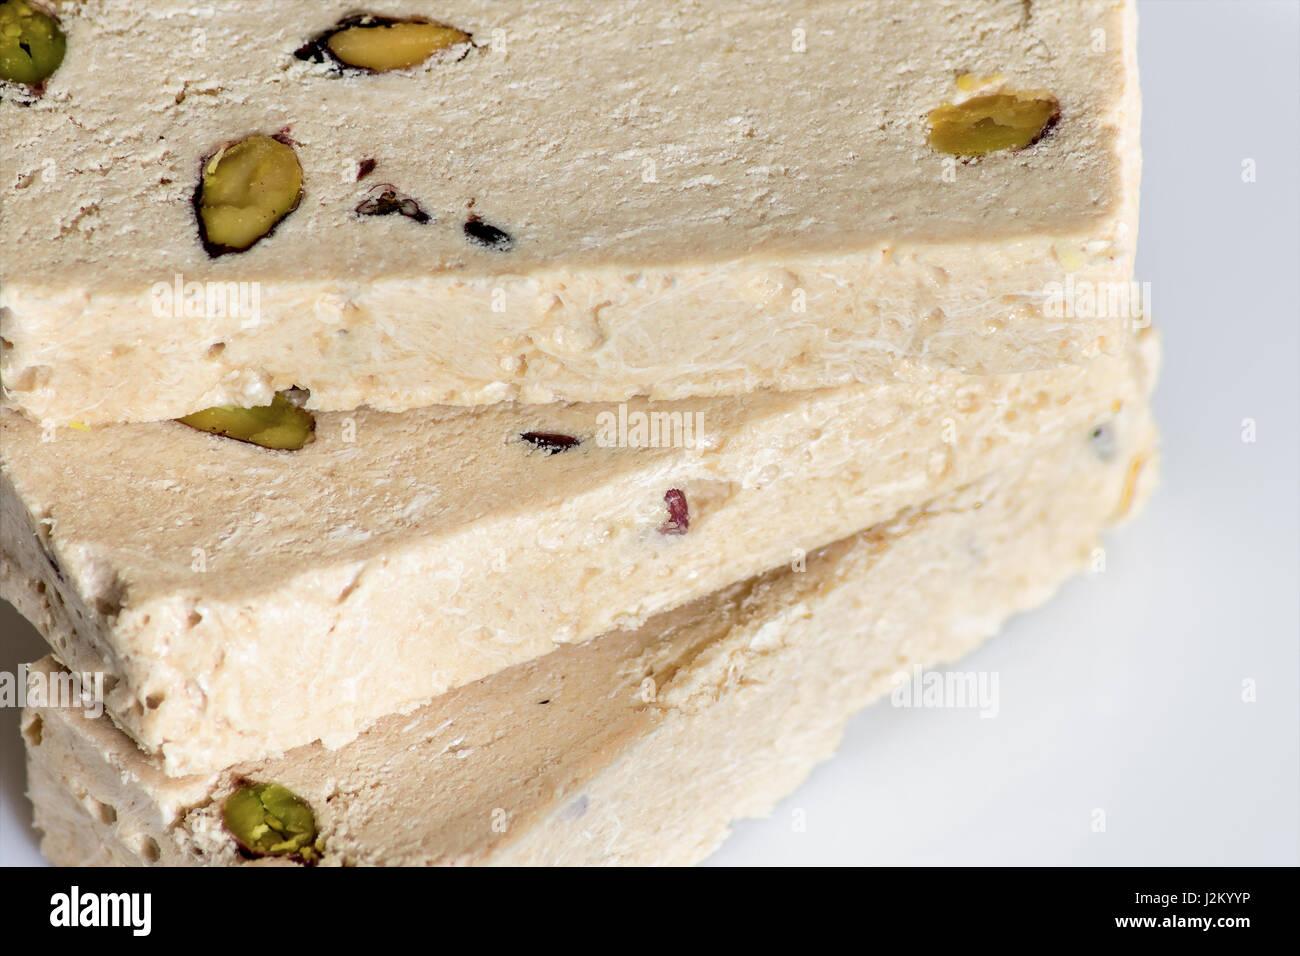 Halva with pistachio - Stock Image